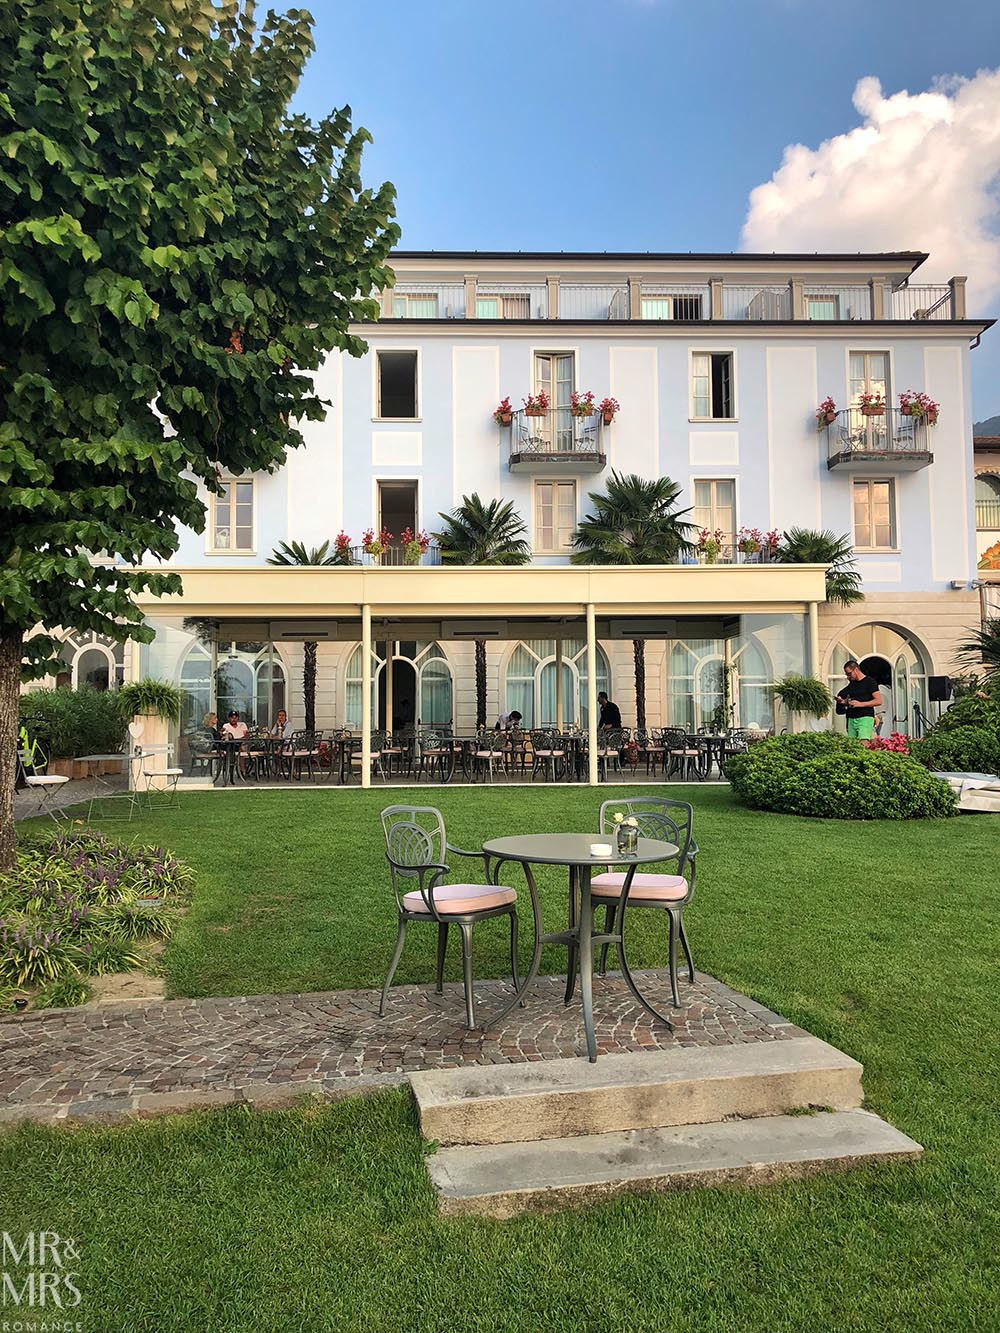 Hotel Rivalago Lake Iseo Sulzano Italy